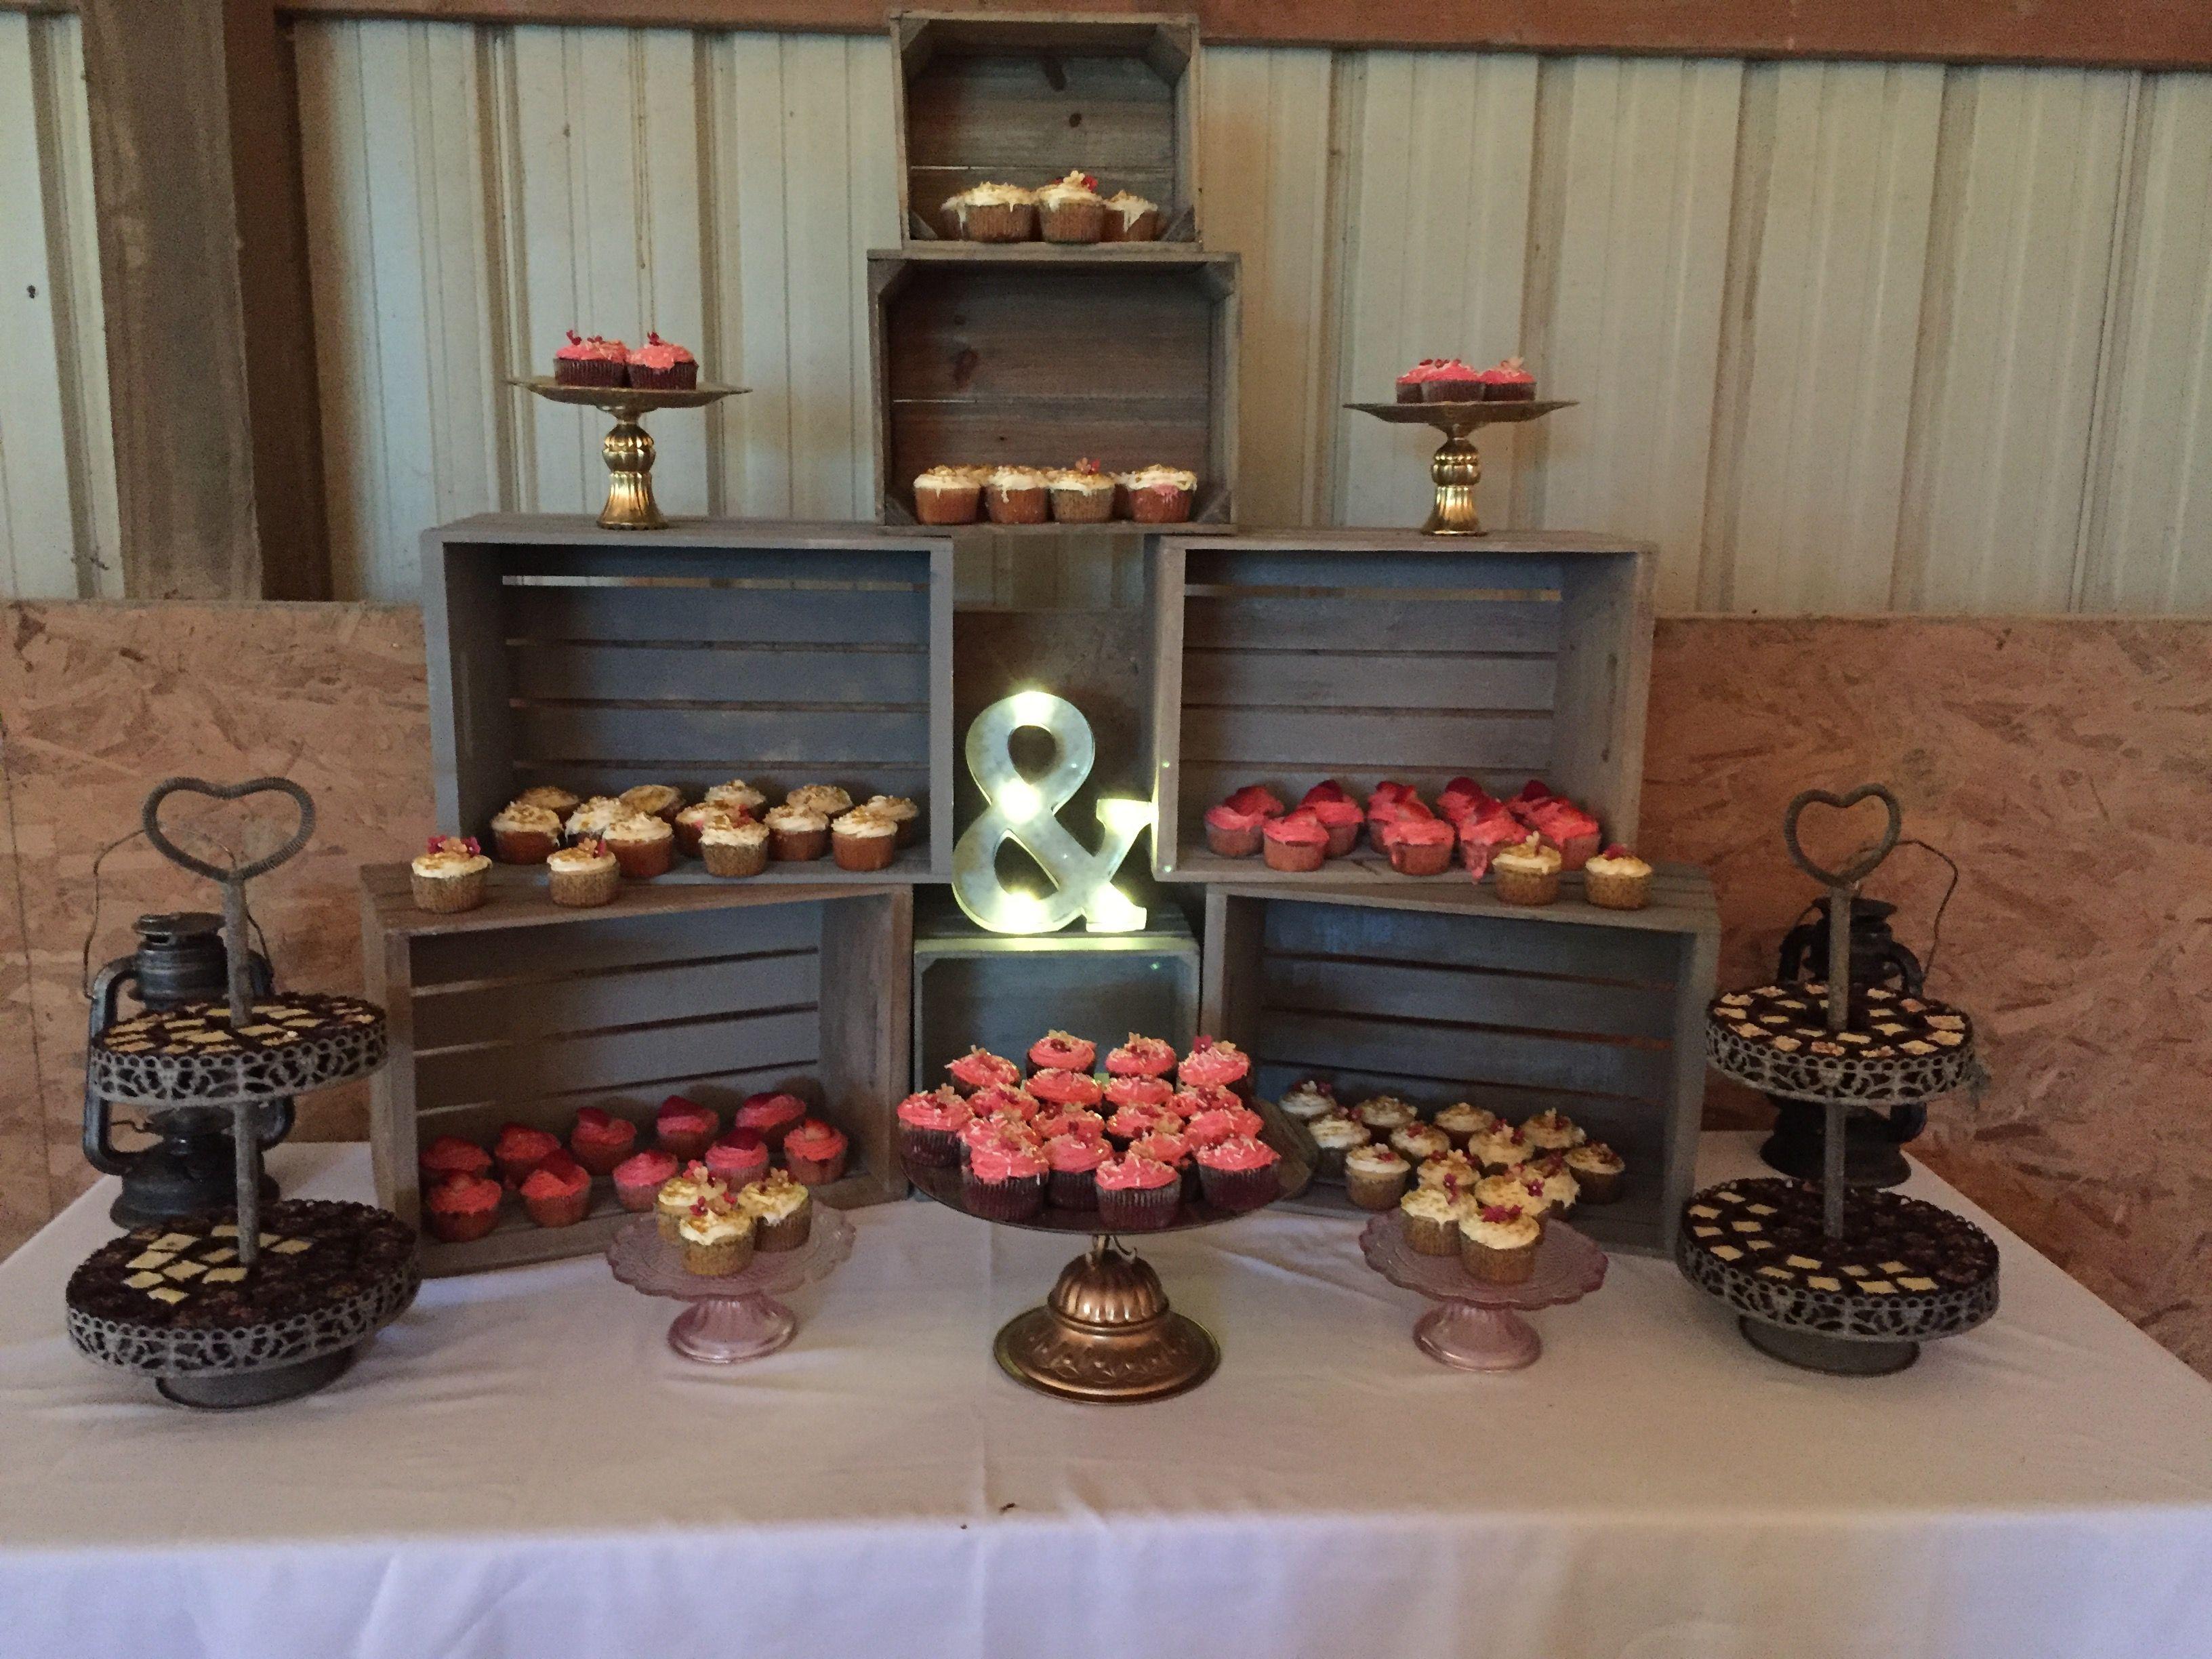 Cupcake Display Using Wooden Crates Wedding Cupcake Display Wedding Cupcake Table Wedding Cake Display